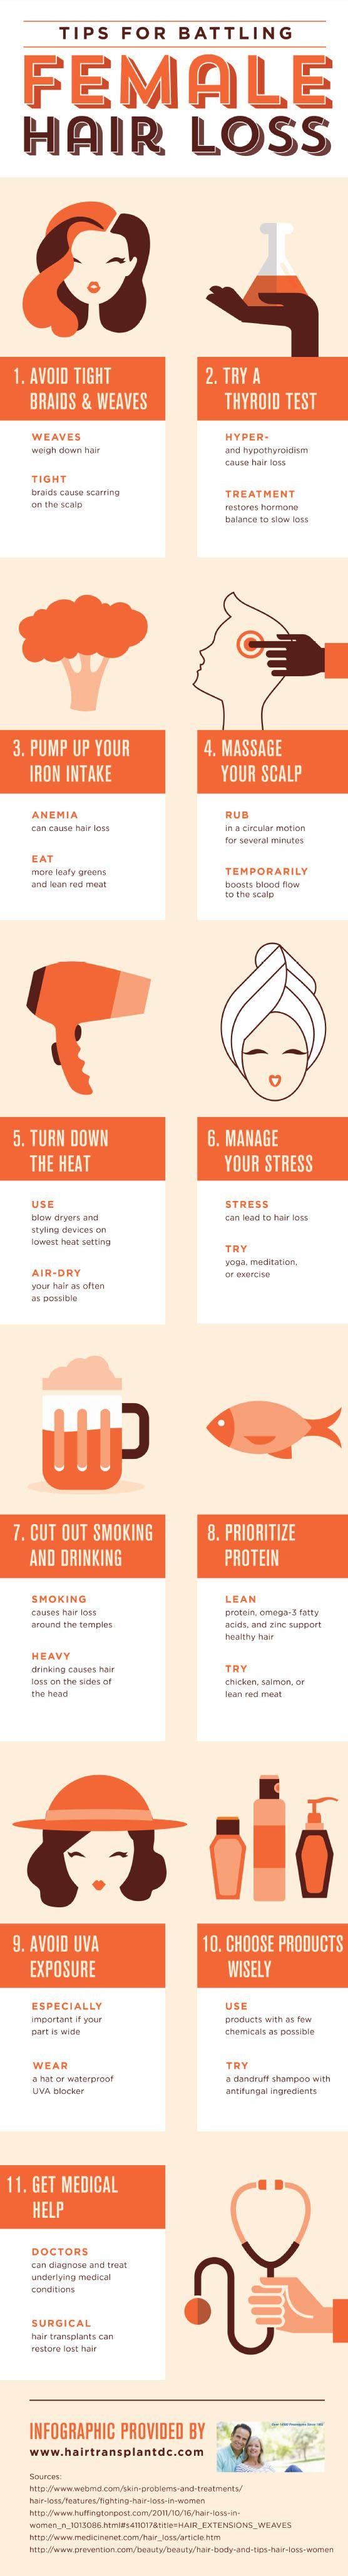 Tips for Battling Female Hair Loss